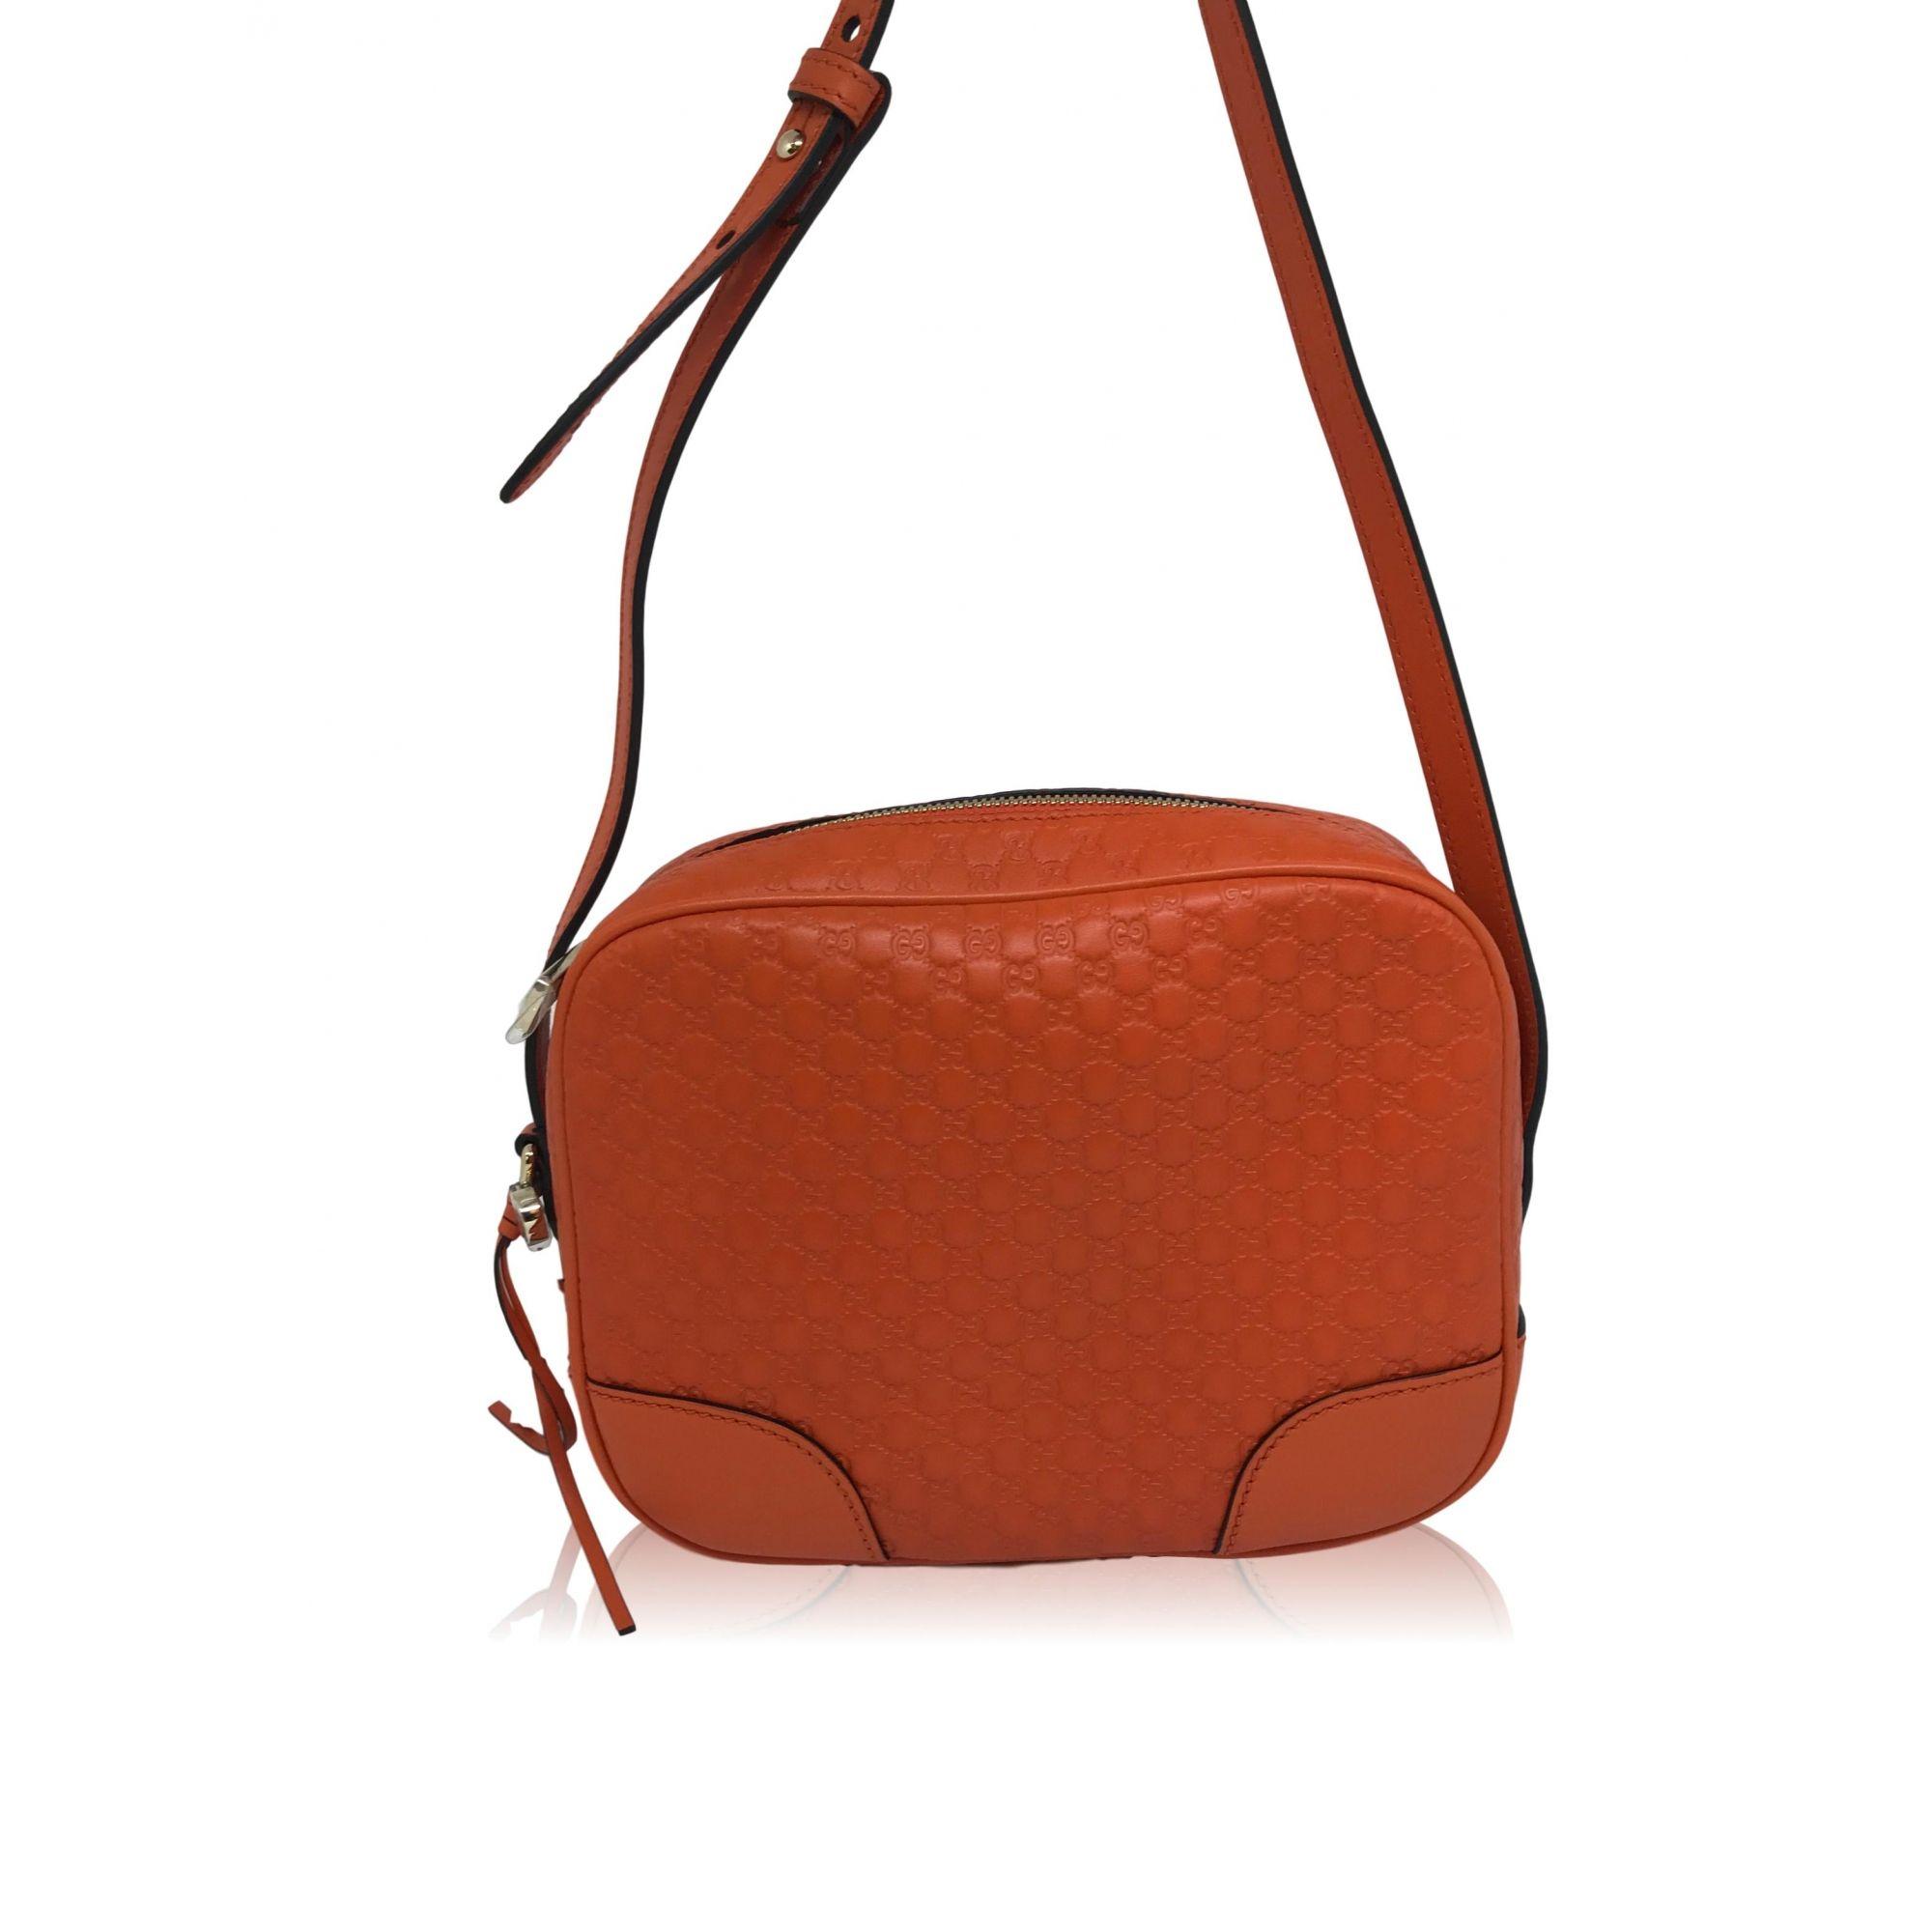 cca812069 Bolsa Gucci Soho Monograma - Paula Frank | Bolsas de luxo originais ...